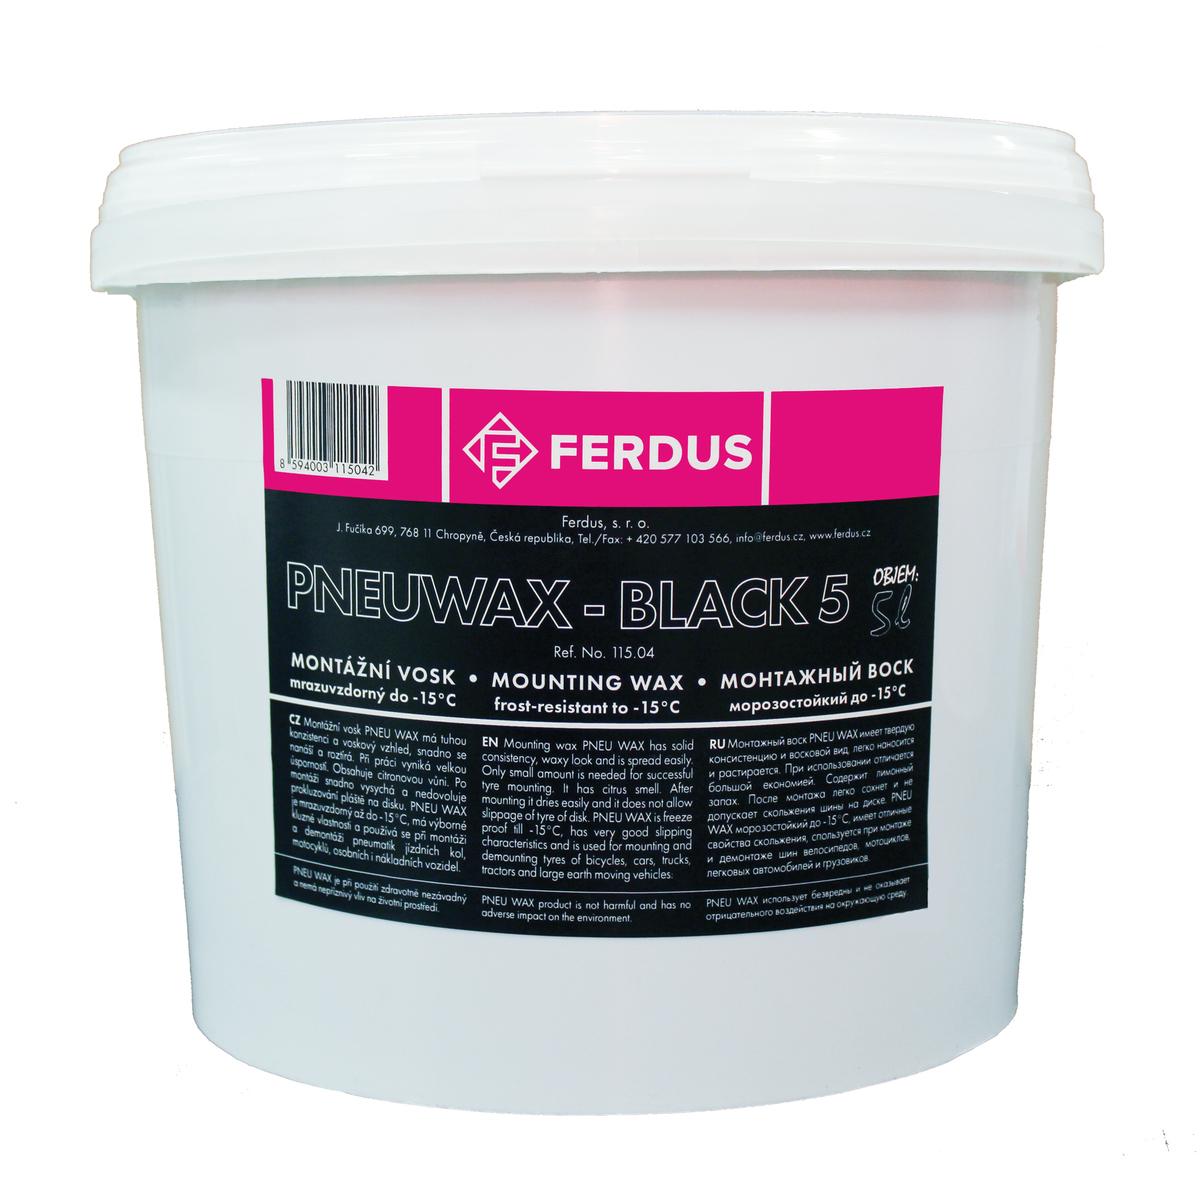 Montážní vosk, pasta Ferdus PNEU WAX - BLACK 5, černý, mrazuvzdorný, 5 litrů